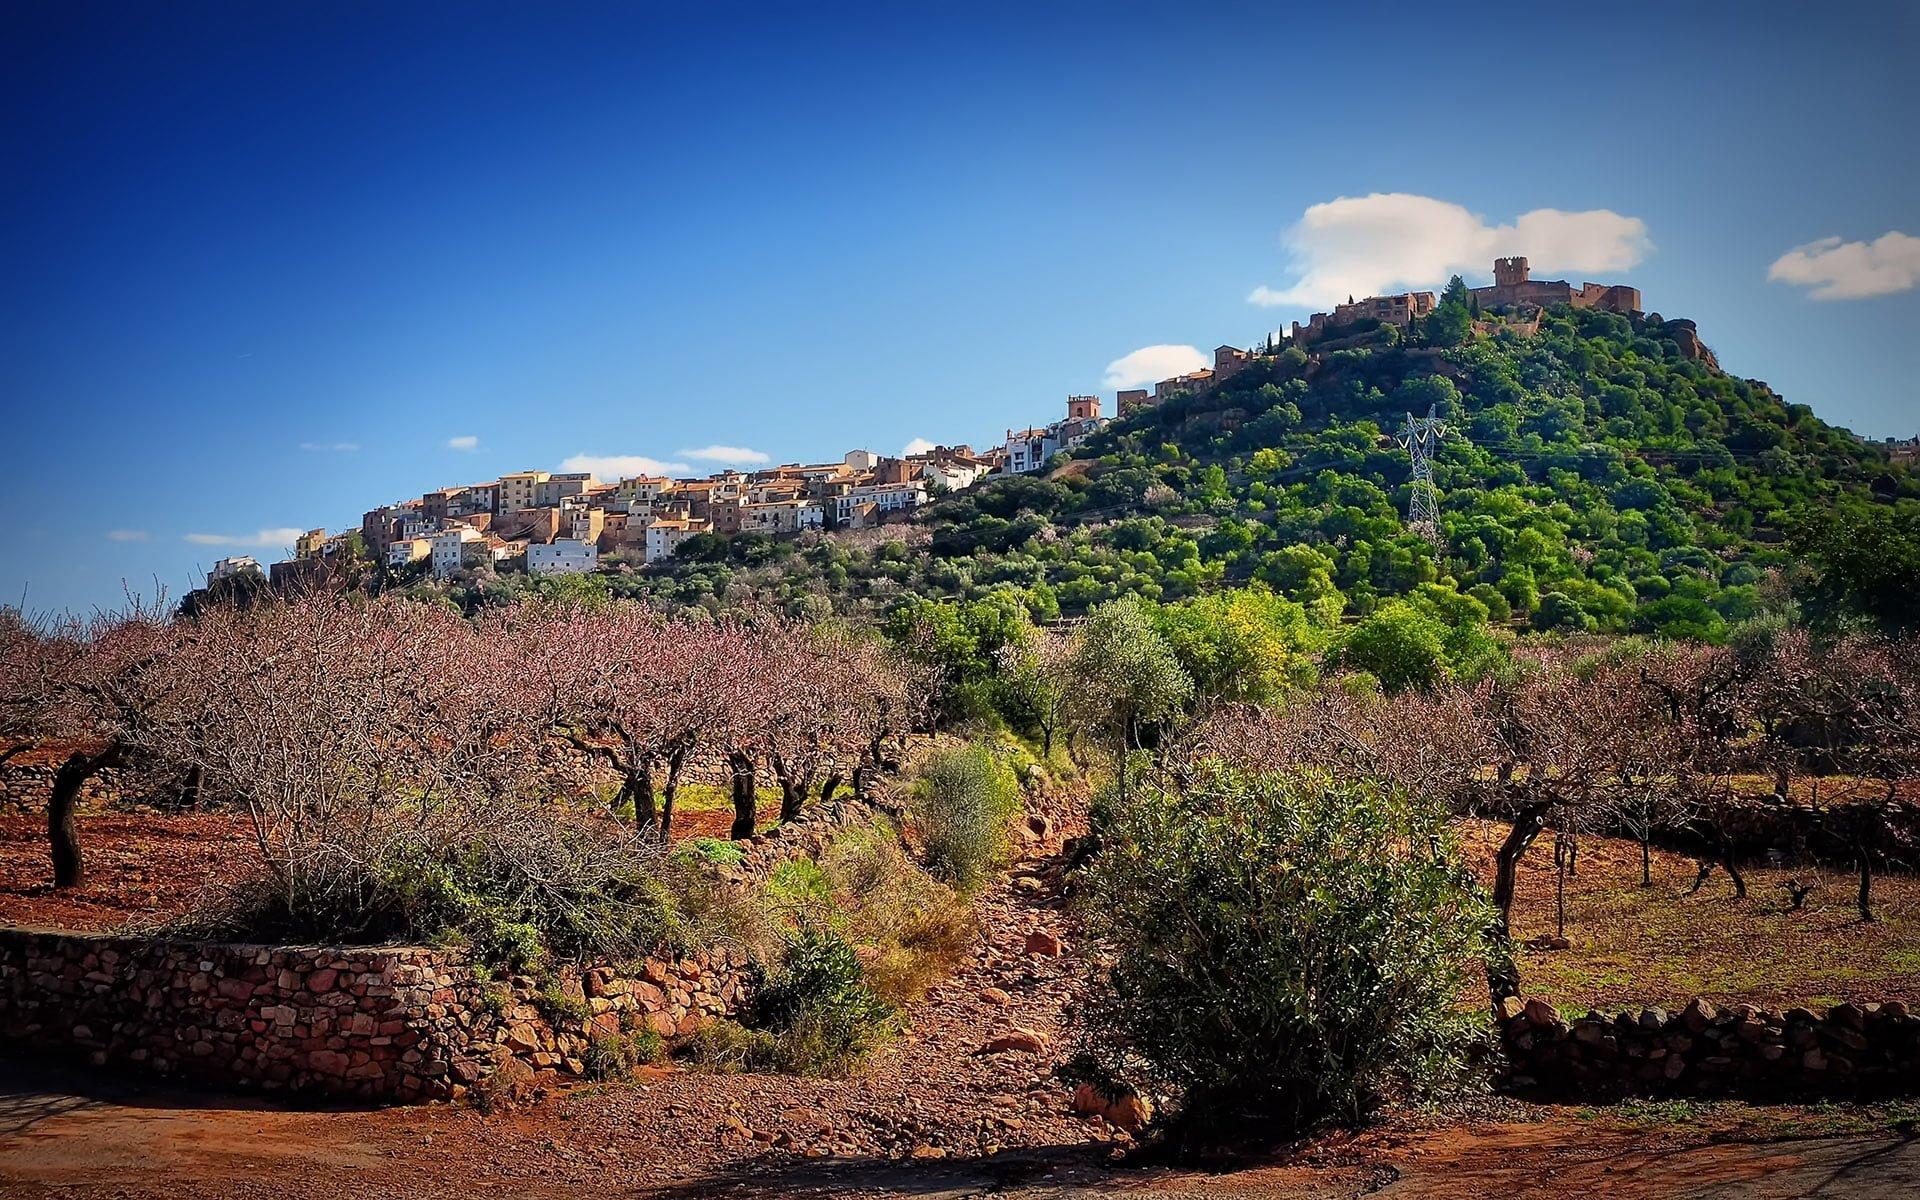 villafames ağaçlar ve kale